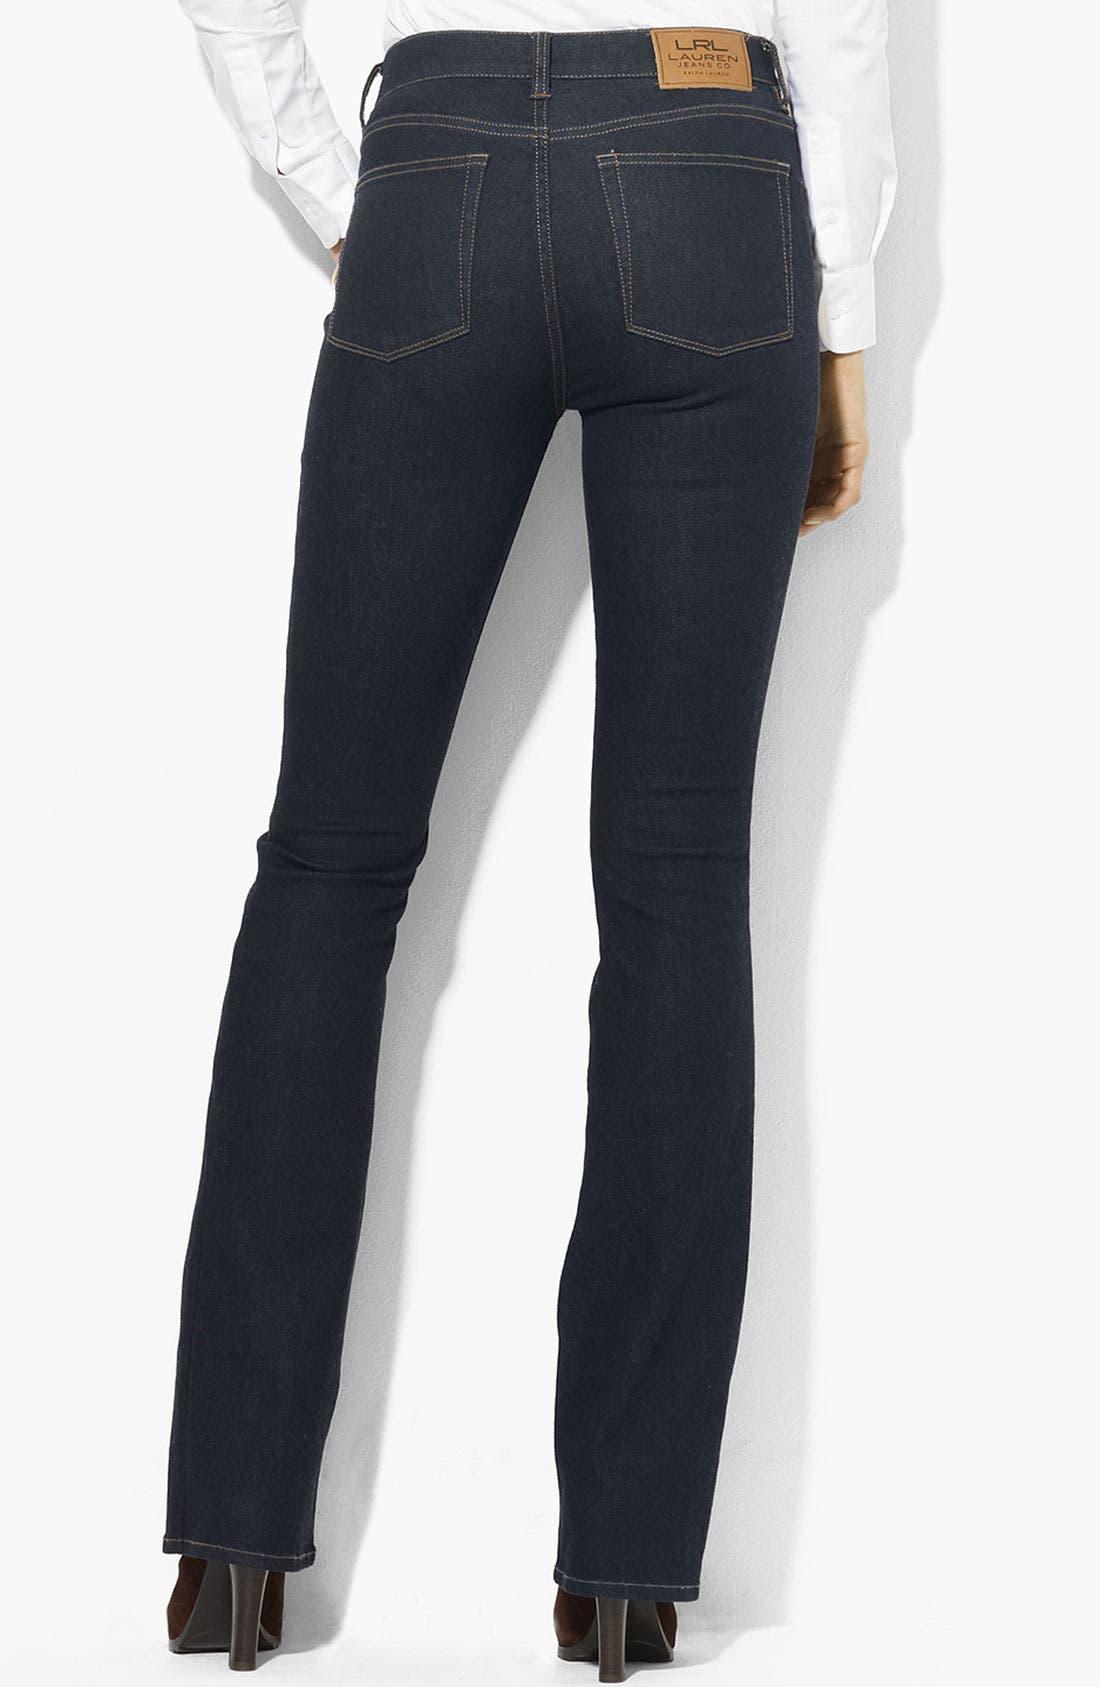 Alternate Image 2  - Lauren Ralph Lauren Slimming Bootcut Jeans (Petite) (Online Only)